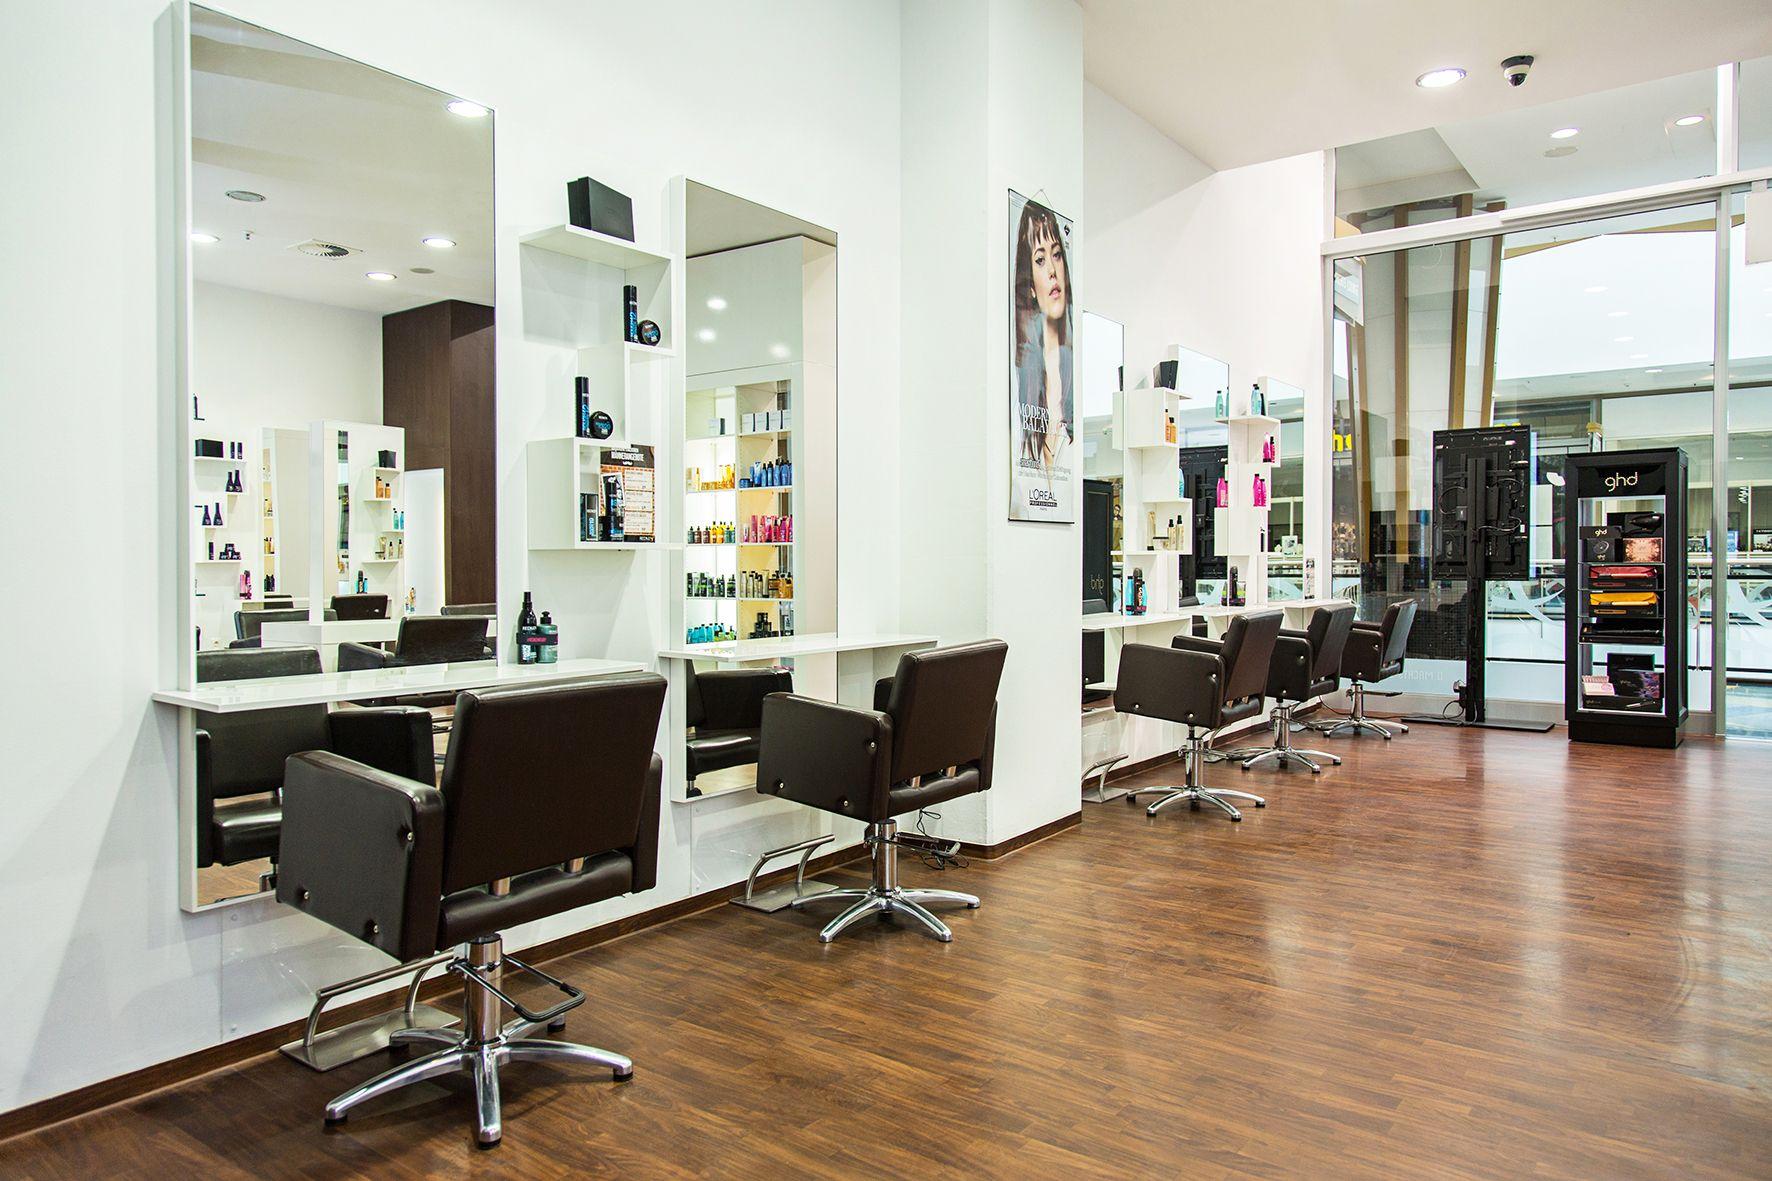 Friseur für beste Haarverlängerung in Berlin, D. Machts Lounge ...